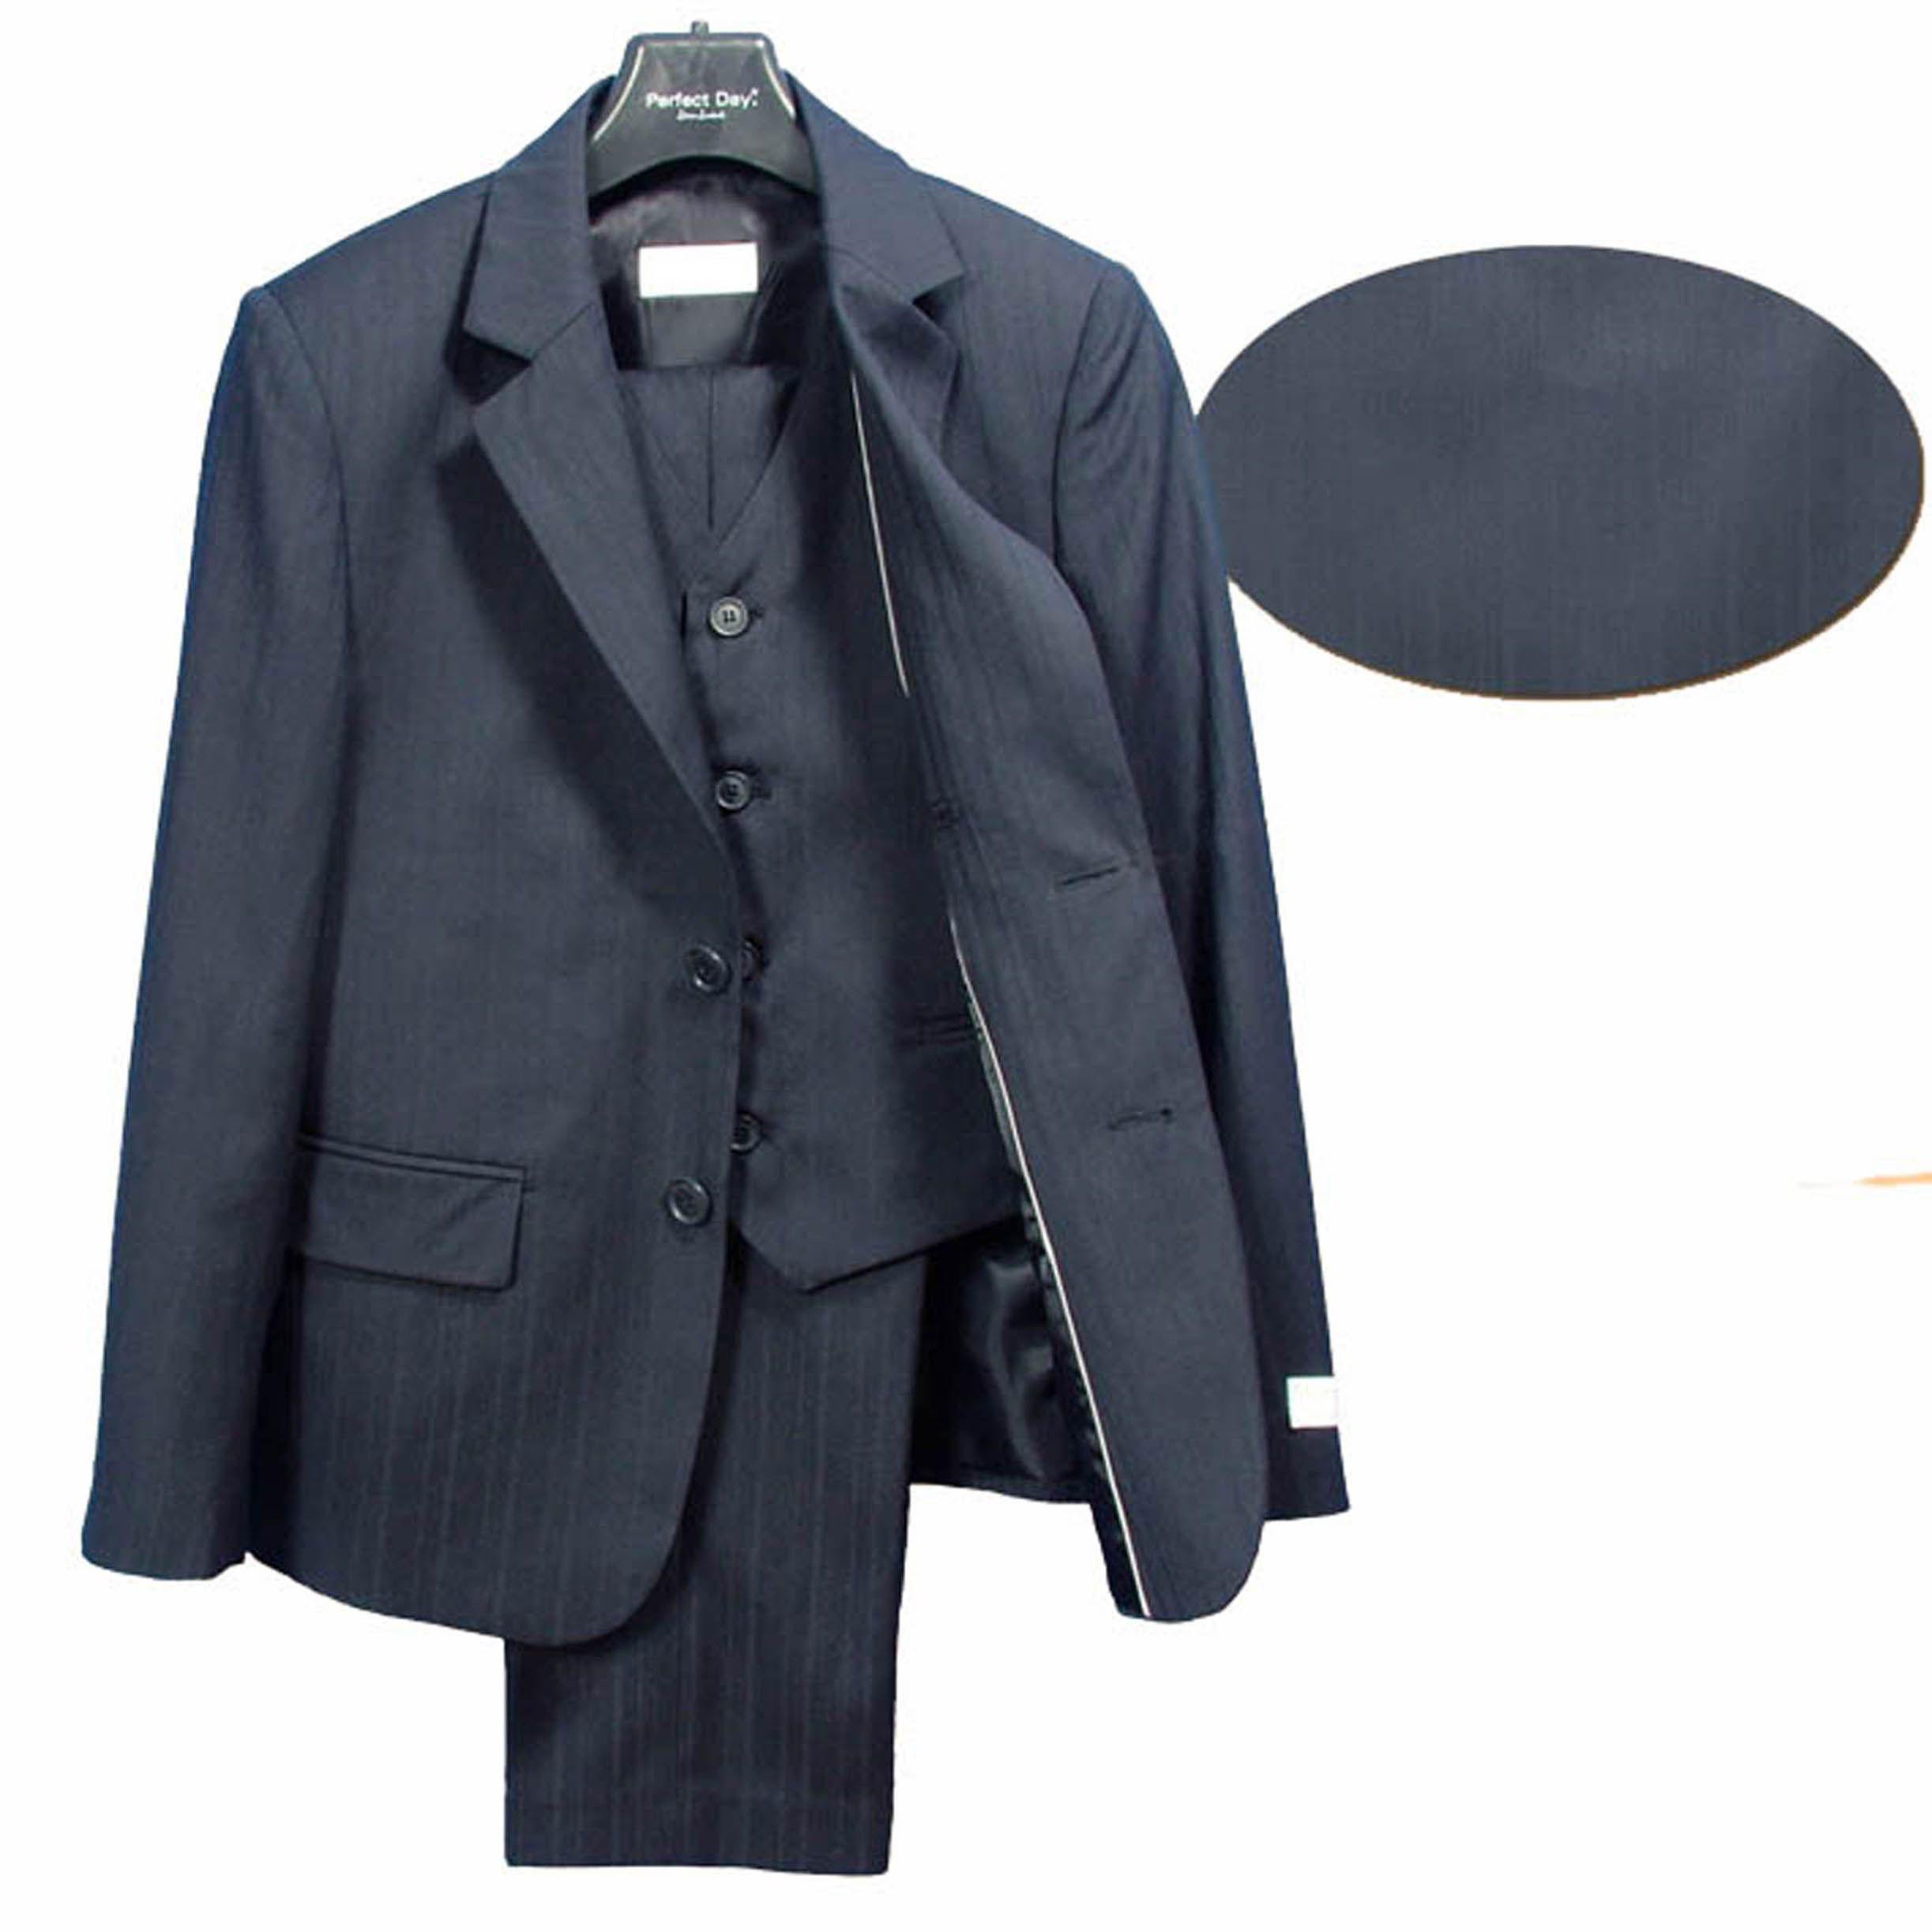 Kommunionanzug, Anzug für Jungs zur Kommunion, Nadelstreifen